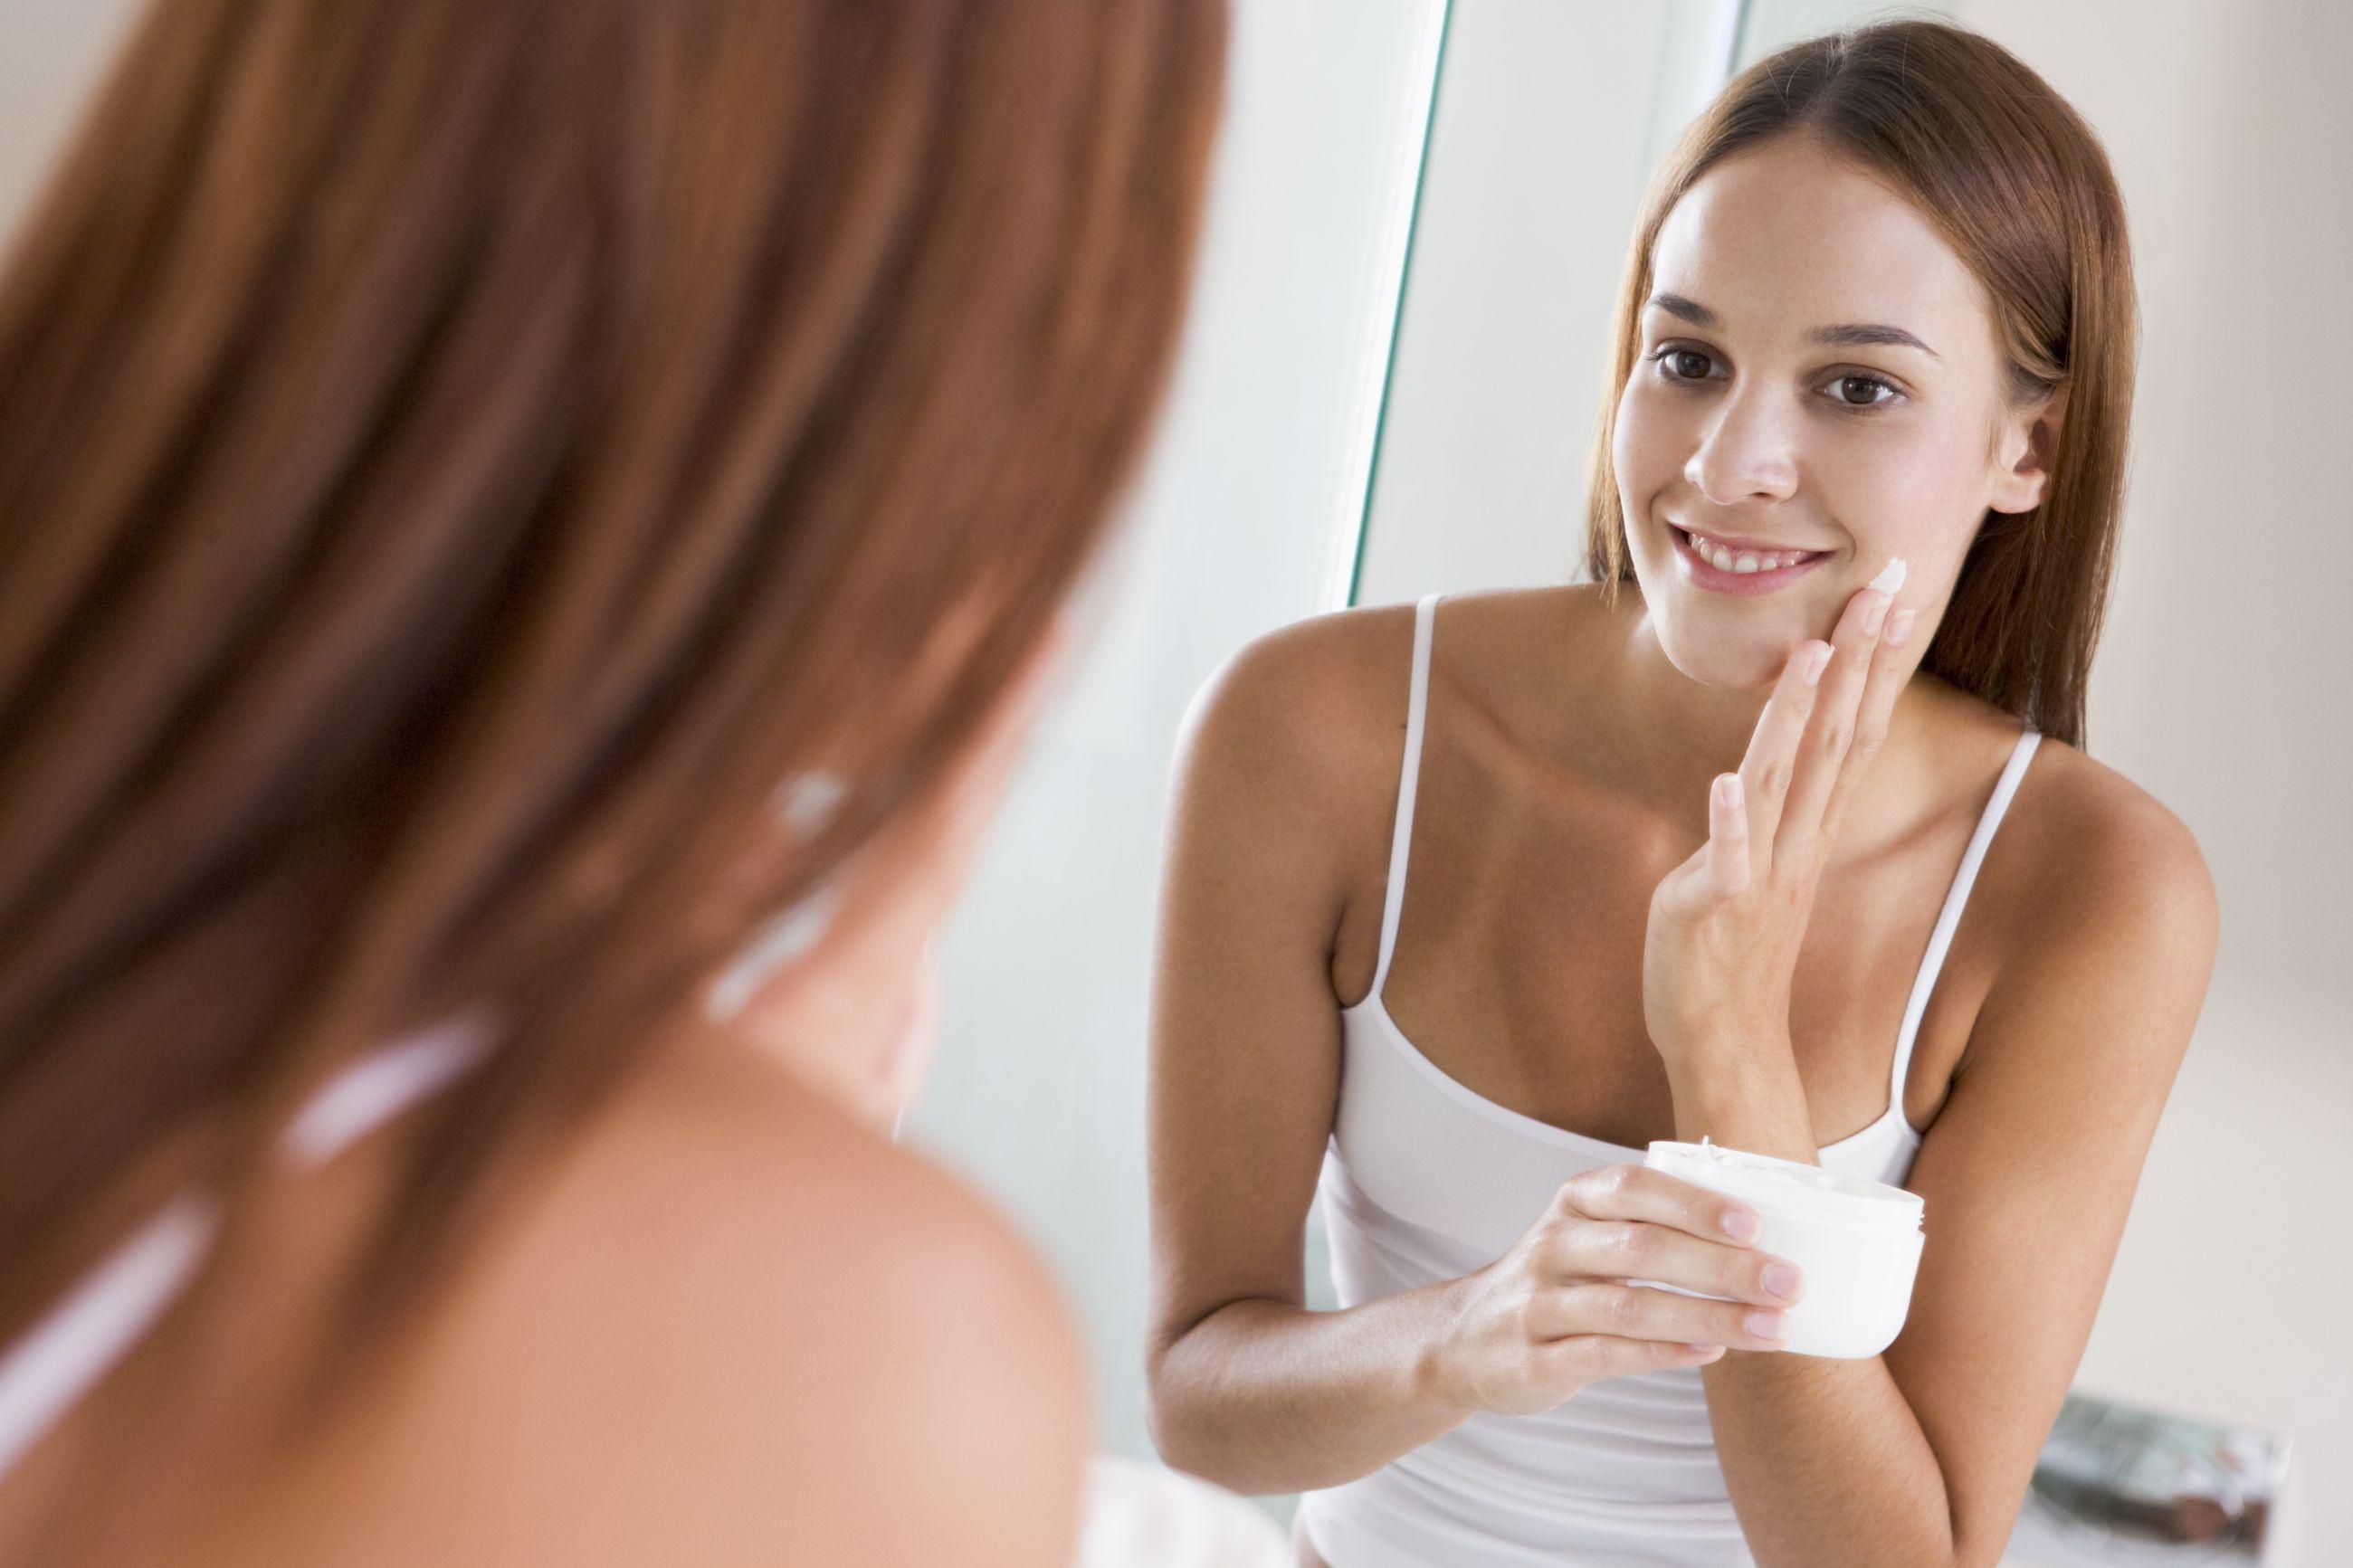 Фото голых девочек перед зеркалом, Девушки у зеркала KyKyRyzO 26 фотография